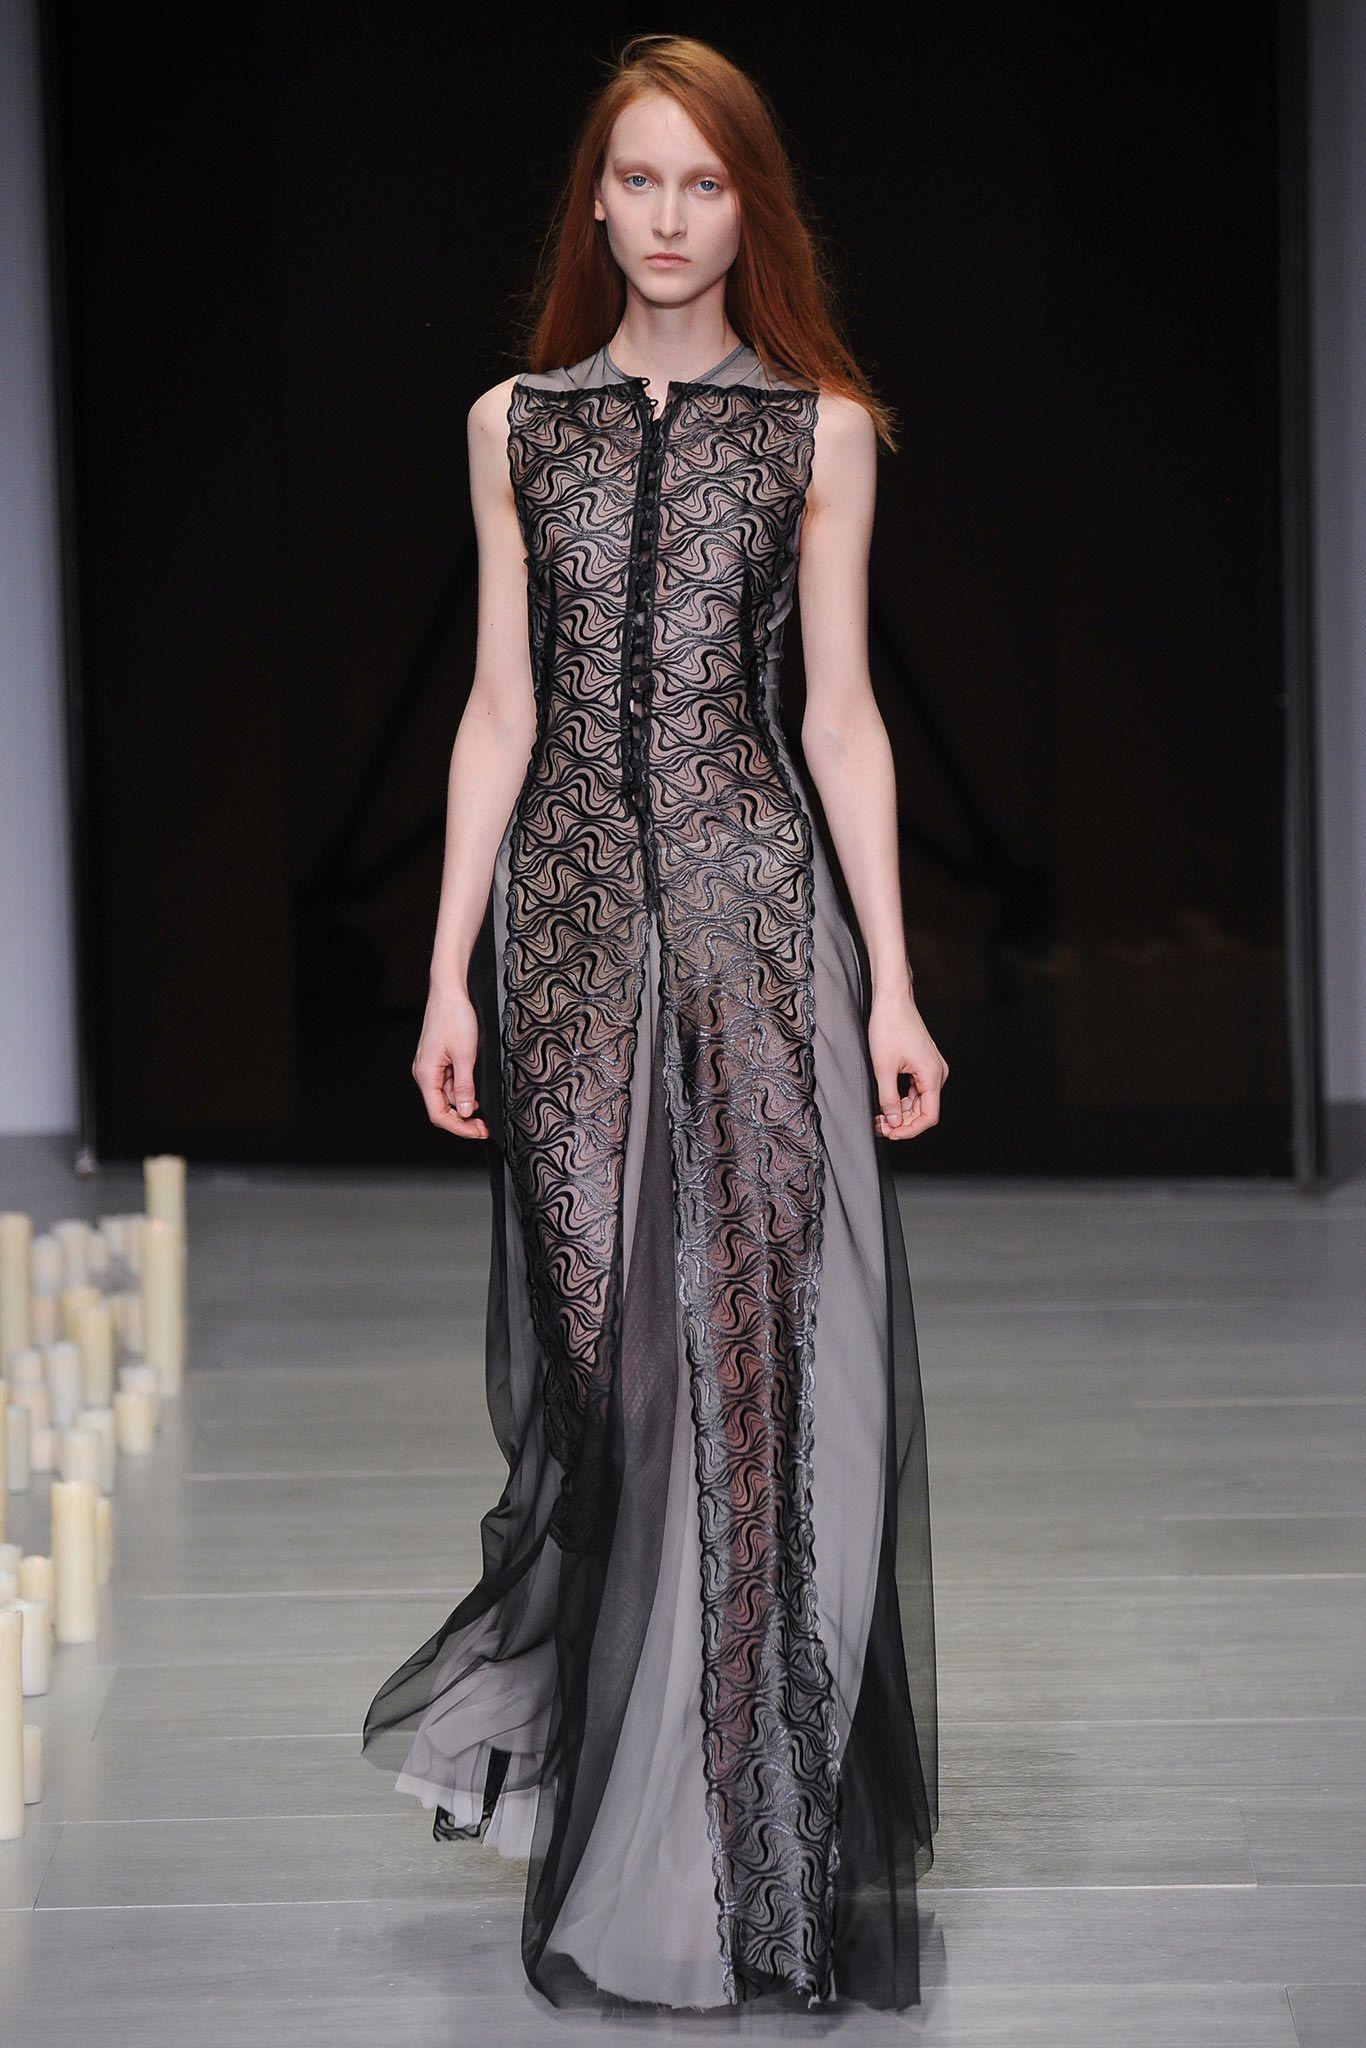 Marios Schwab Fall 2014 Ready-to-Wear Fashion Show - Nika Cole